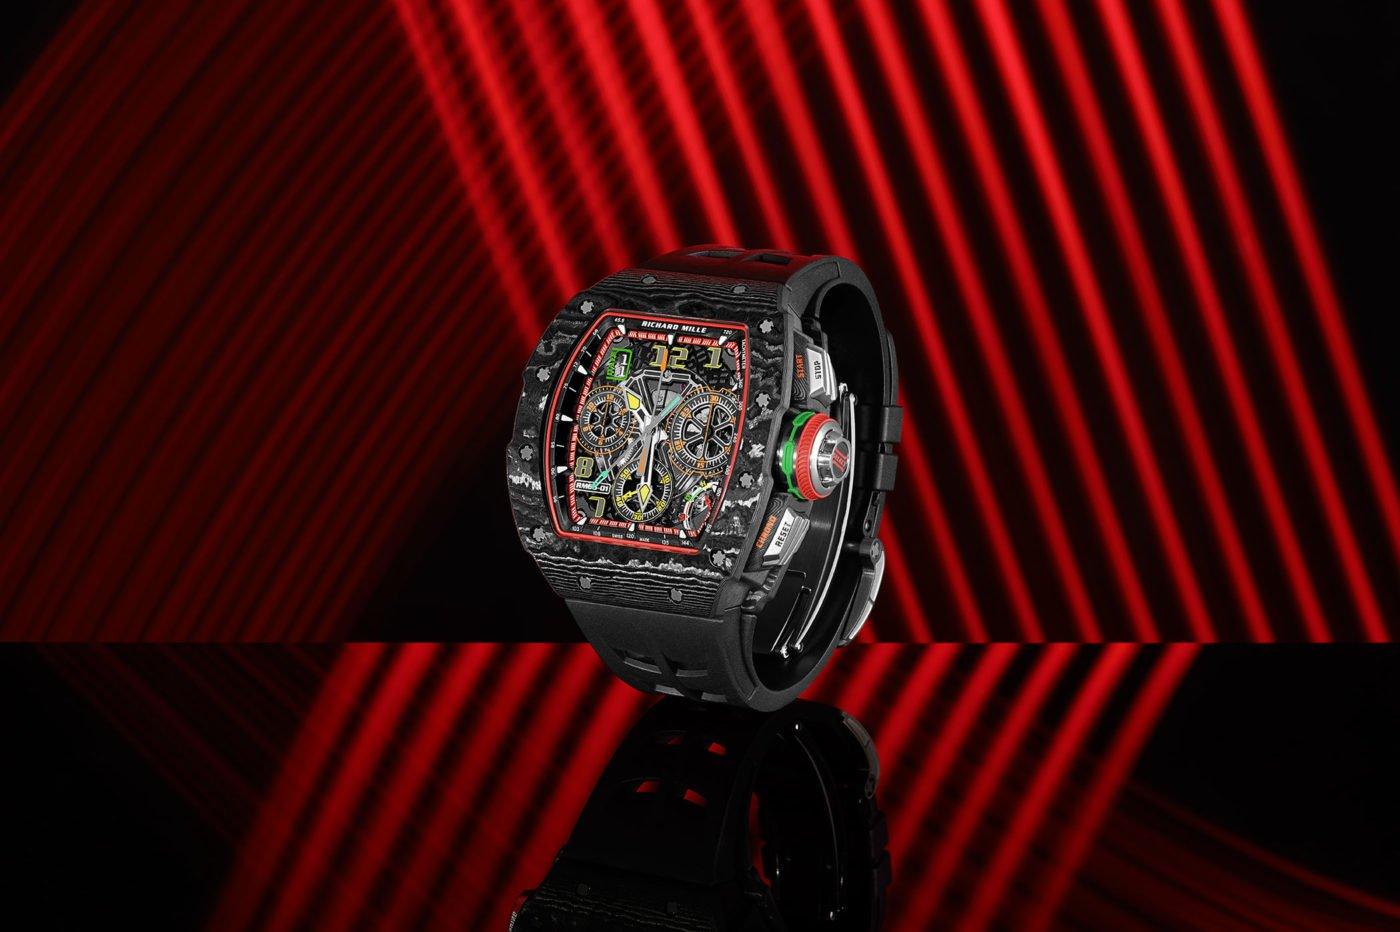 Richard Mille RM 65-01 Automatic Split Seconds Chronograph [cena]